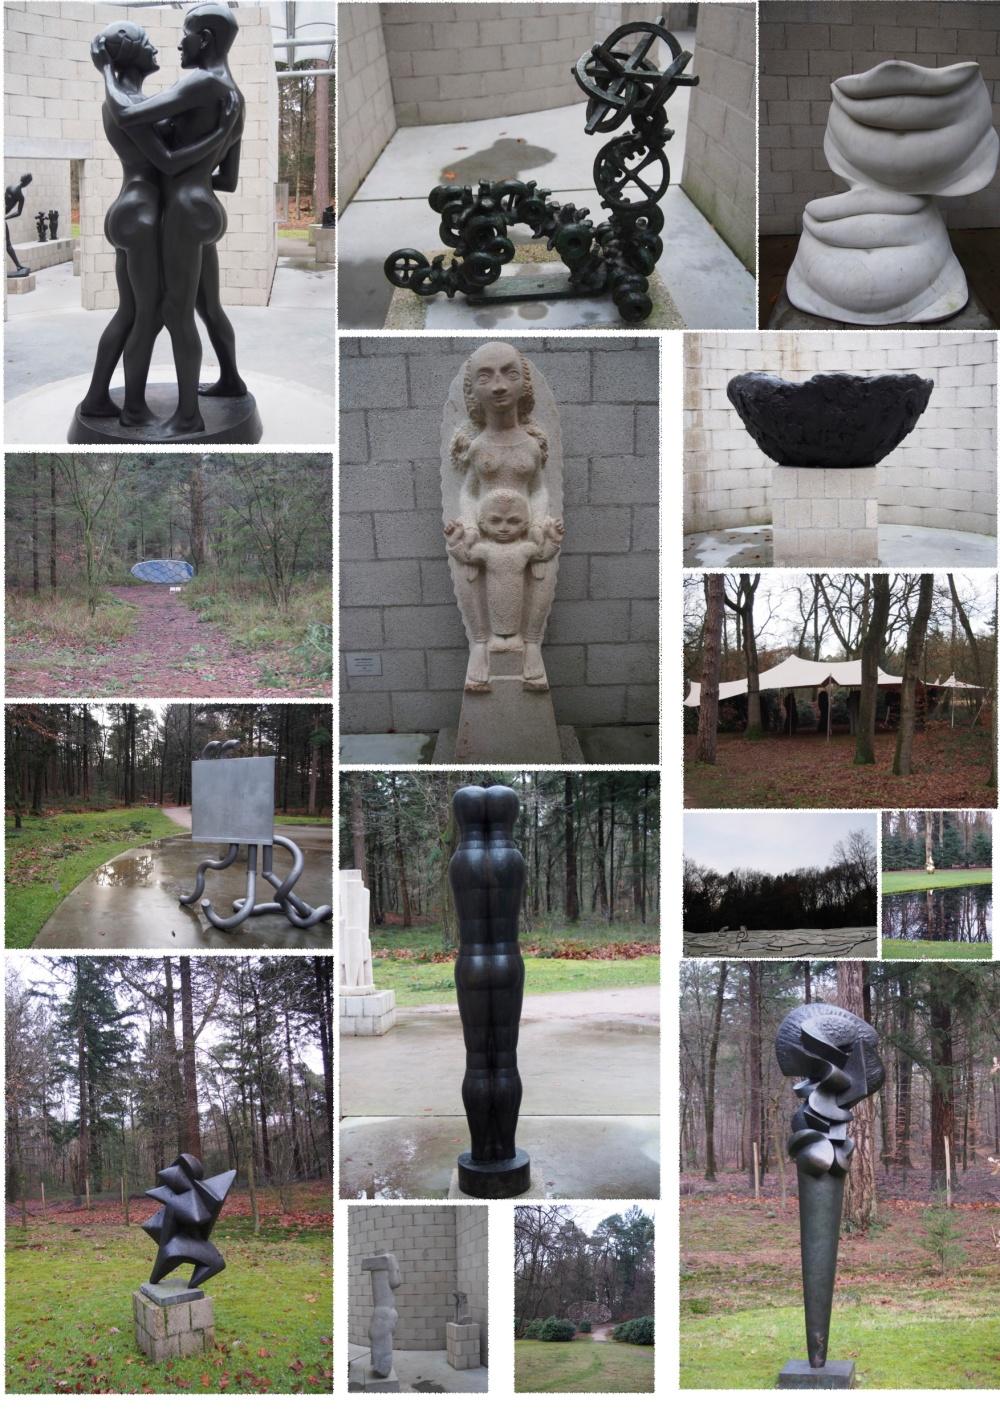 Kröller-Müller jardin